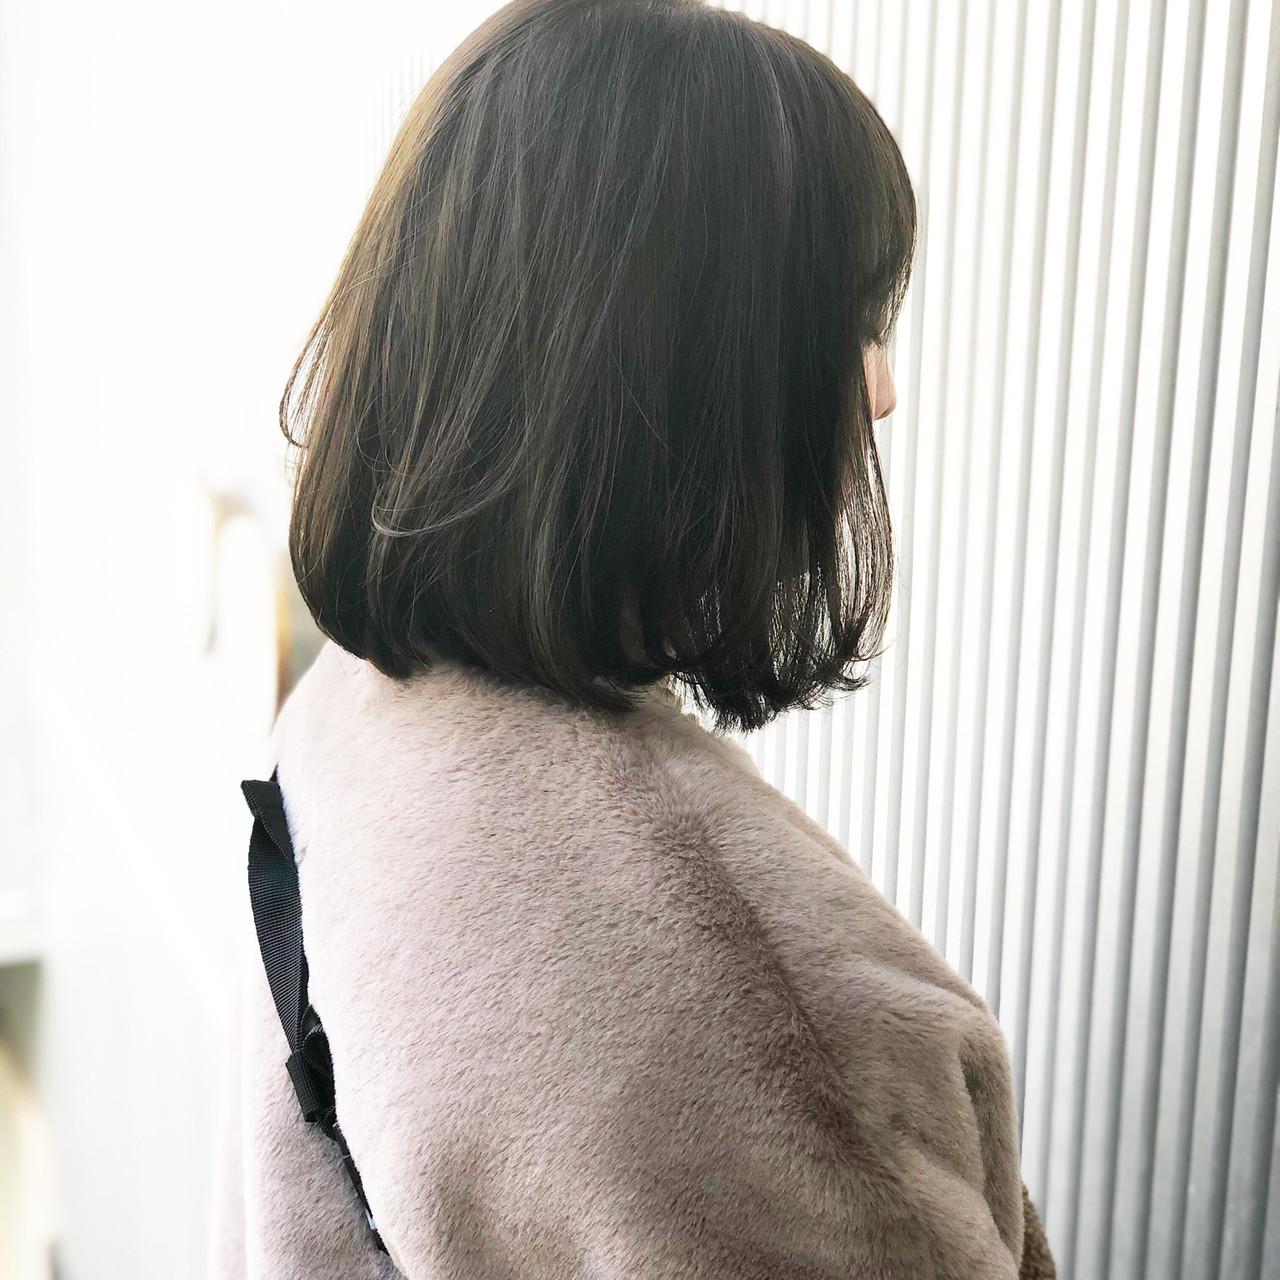 透明感 ミディアム アッシュ 前髪 ヘアスタイルや髪型の写真・画像 | 萩原 翔志也/ブリーチなしグレージュ/ストレート / Vicca 青山